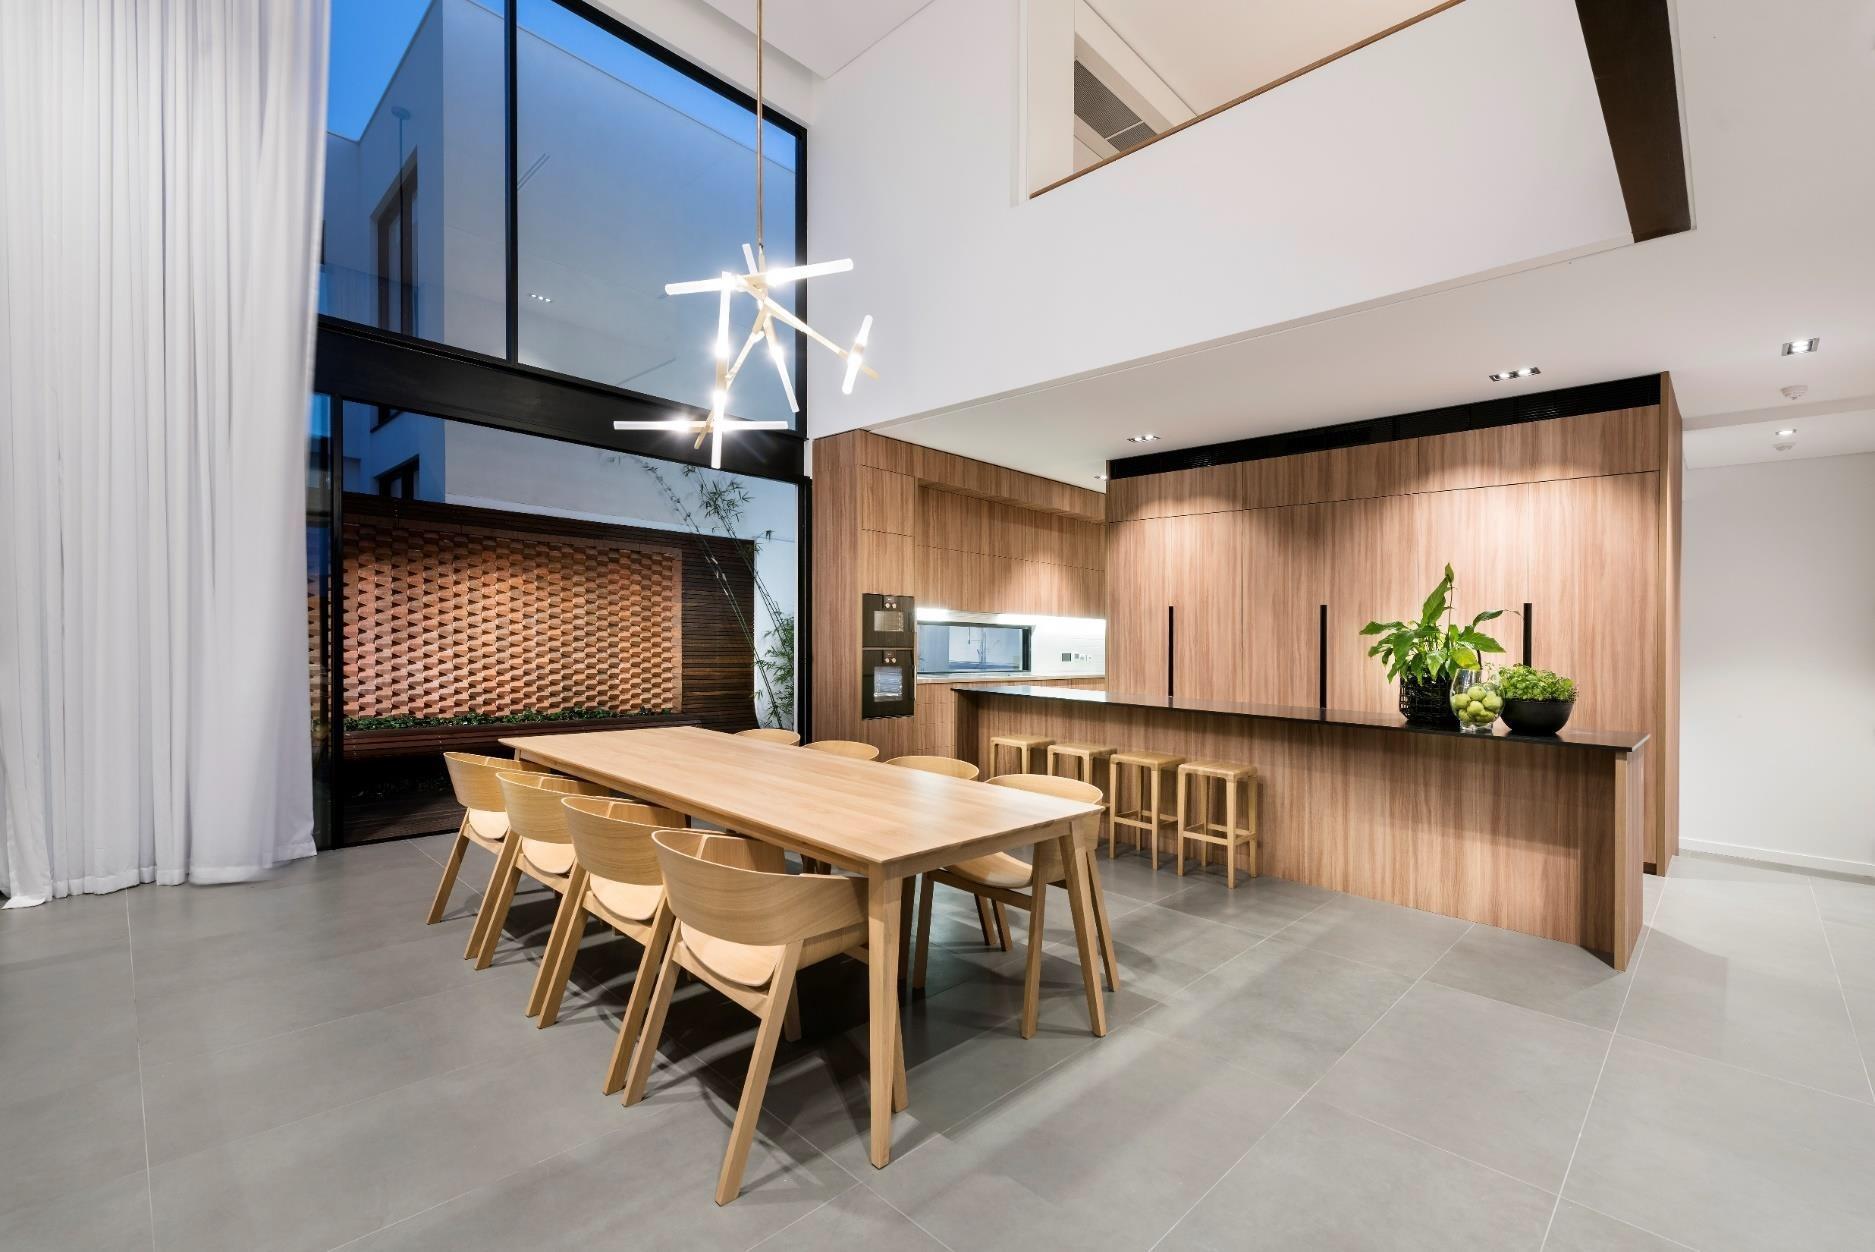 Merano chair, Perth Australia